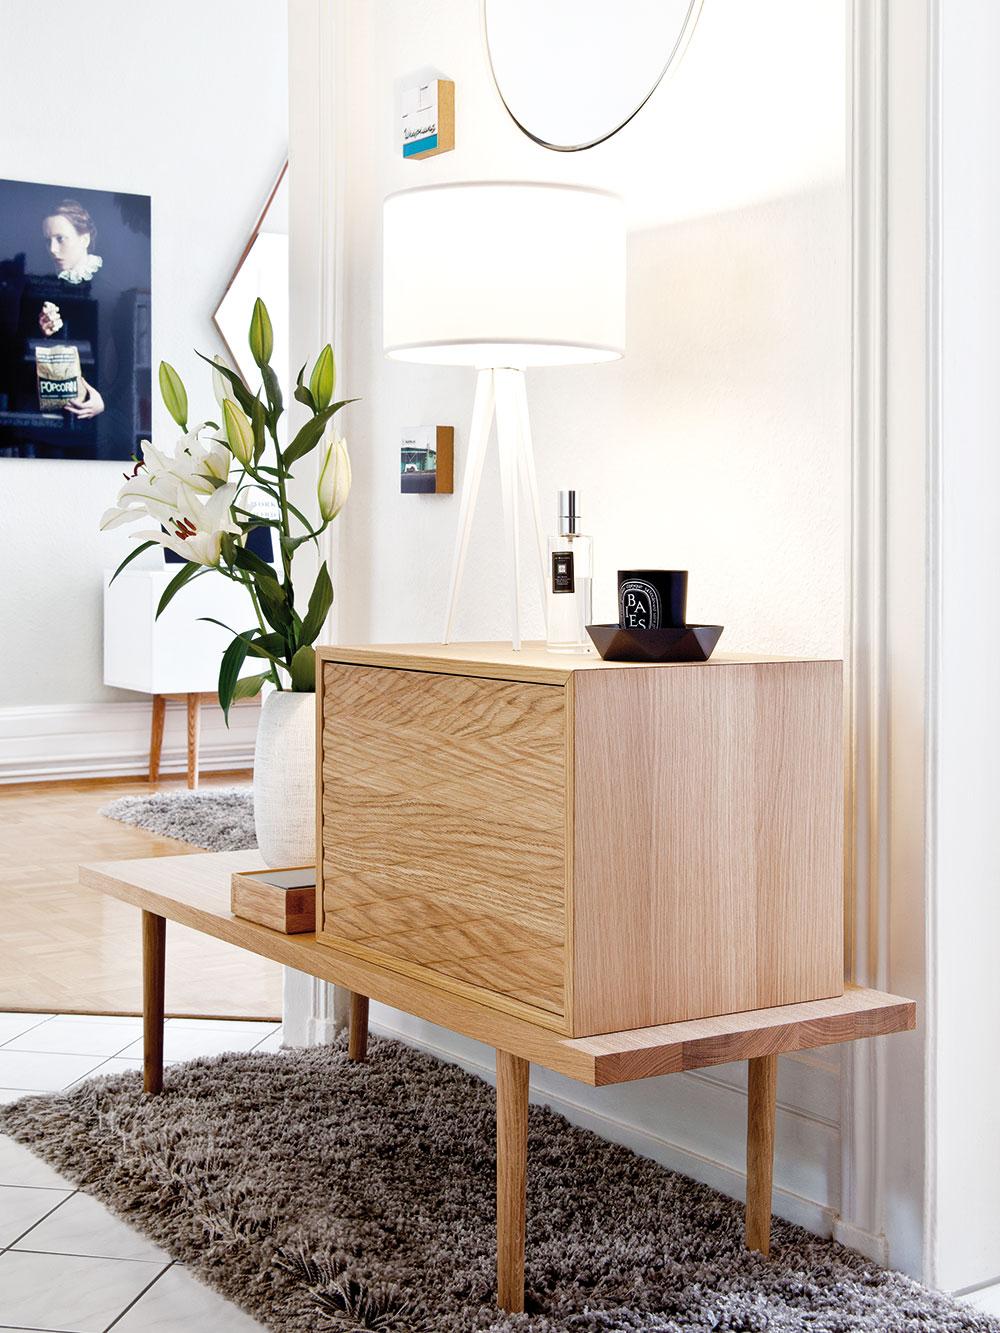 VCorrinině bytě se projevuje její smysl pro detail avyváženost. Je poznat, že všechny zařizovací předměty včetně zajímavé komody pečlivě vybírala. FOTO WESTWING